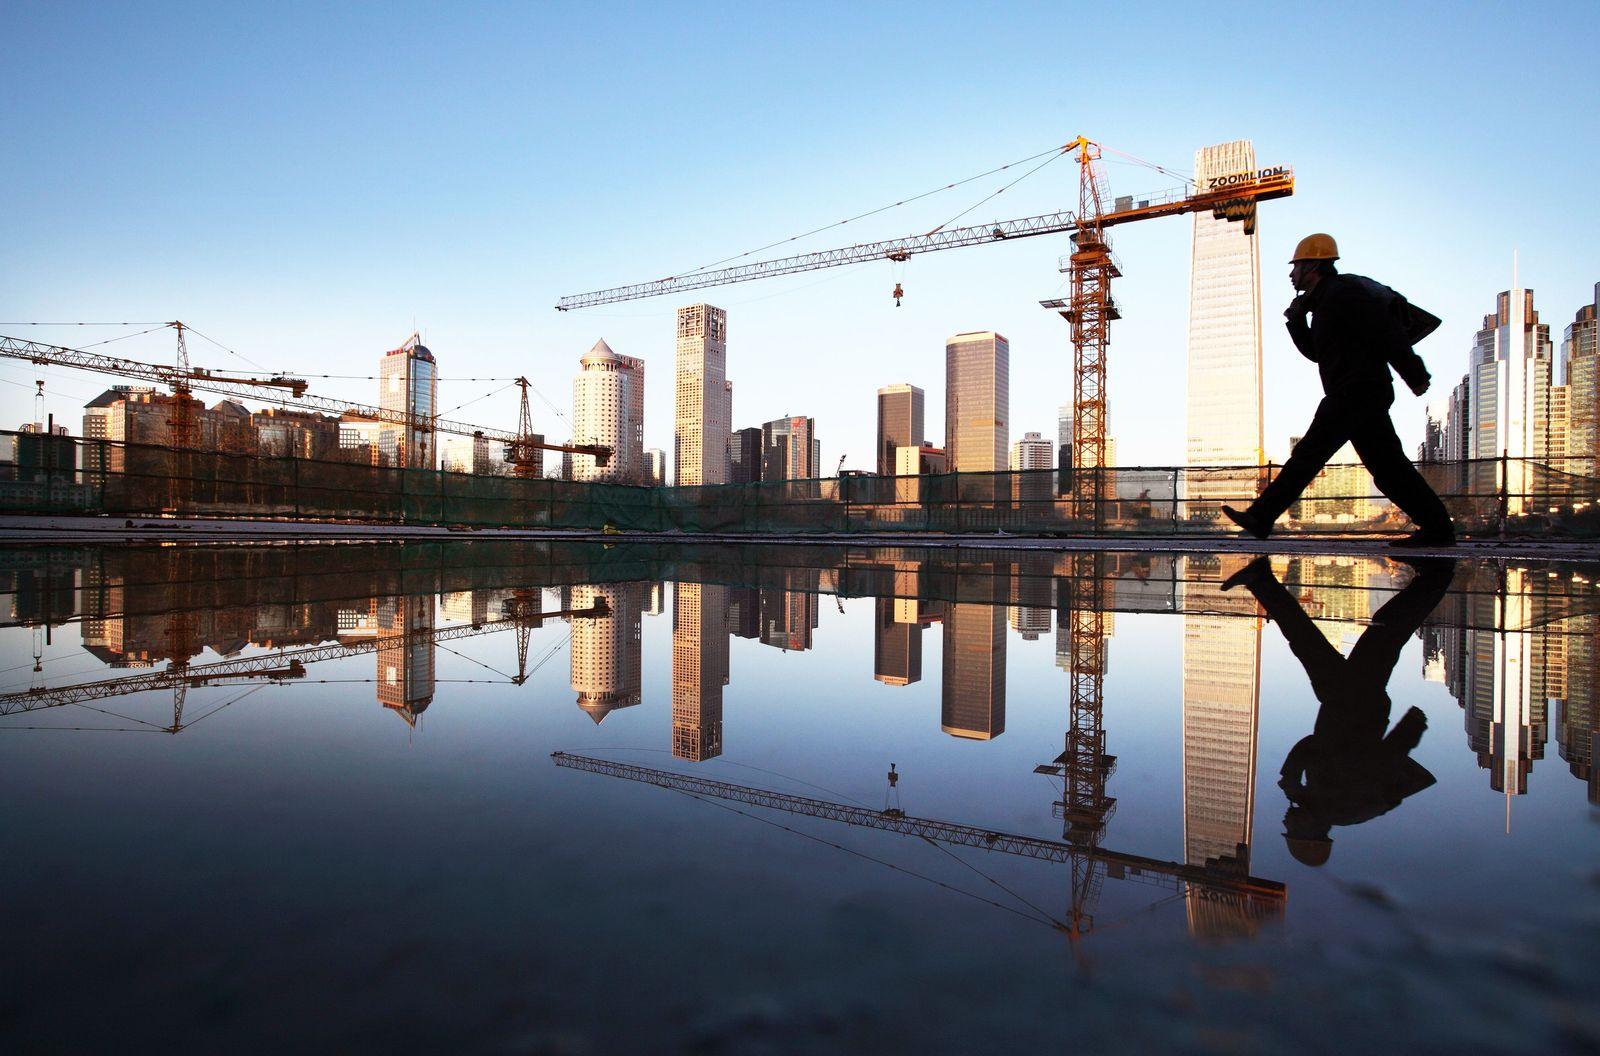 China / Konjunktur / Wirtschaft / Baustelle / Bau-Kräne